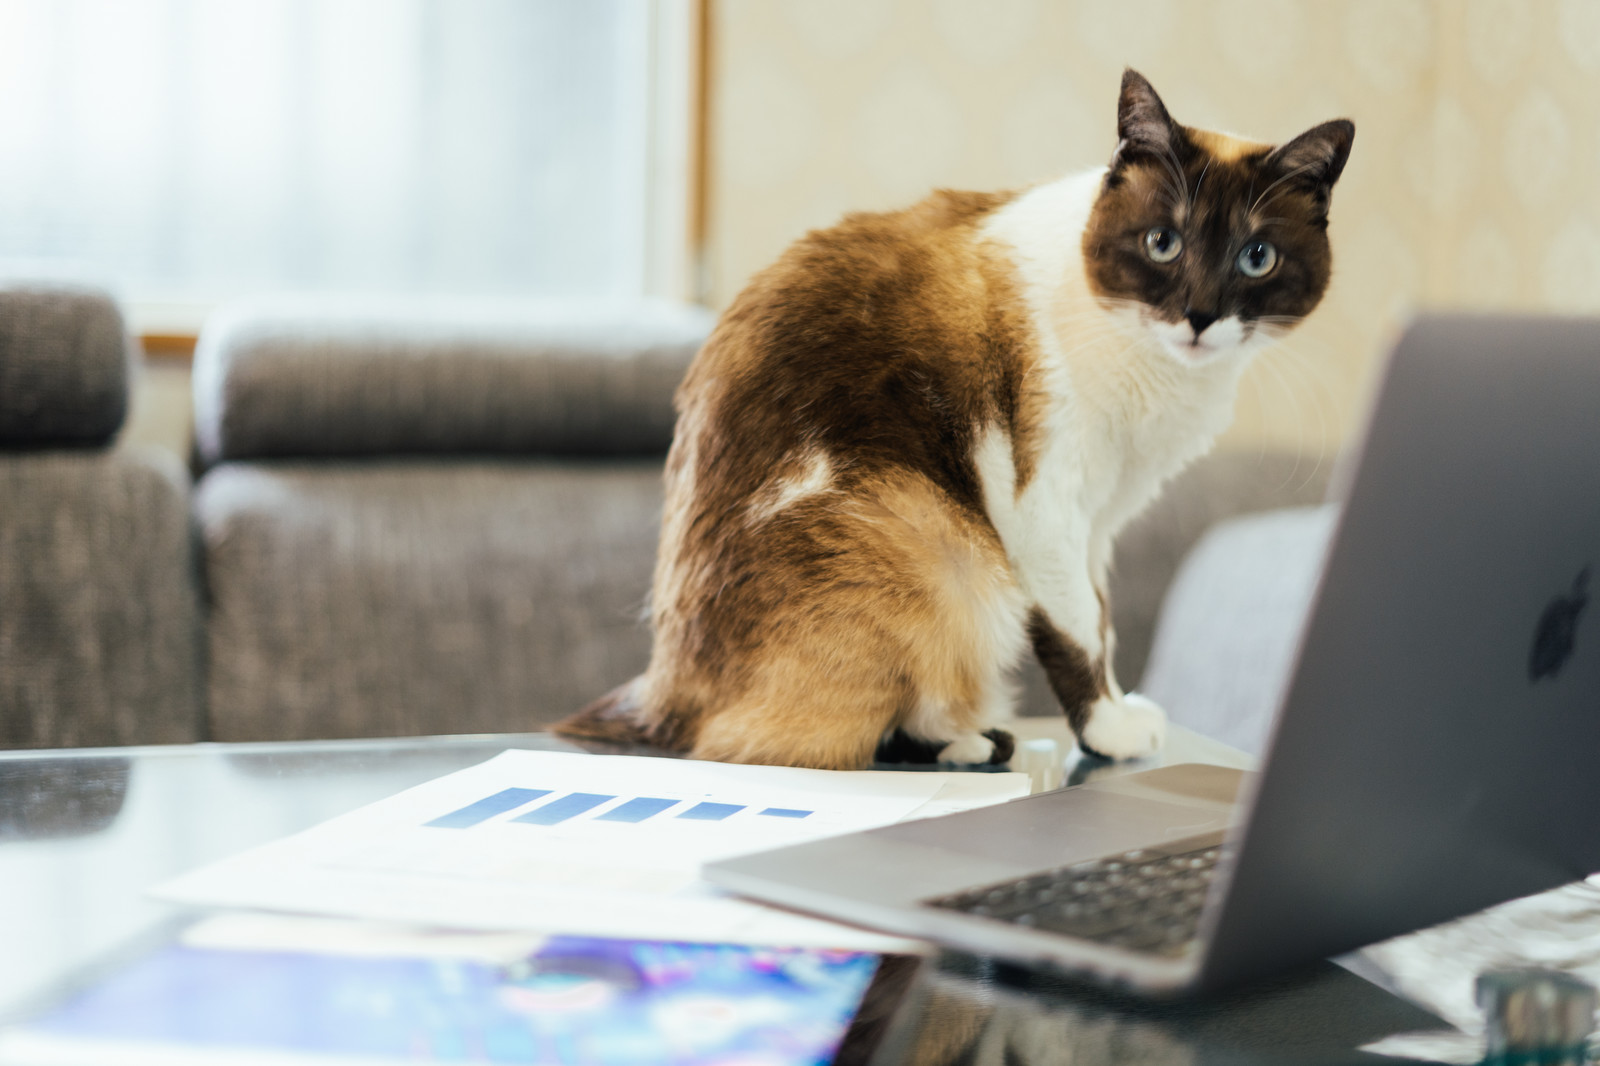 ノートパソコンのそばに可愛いネコ